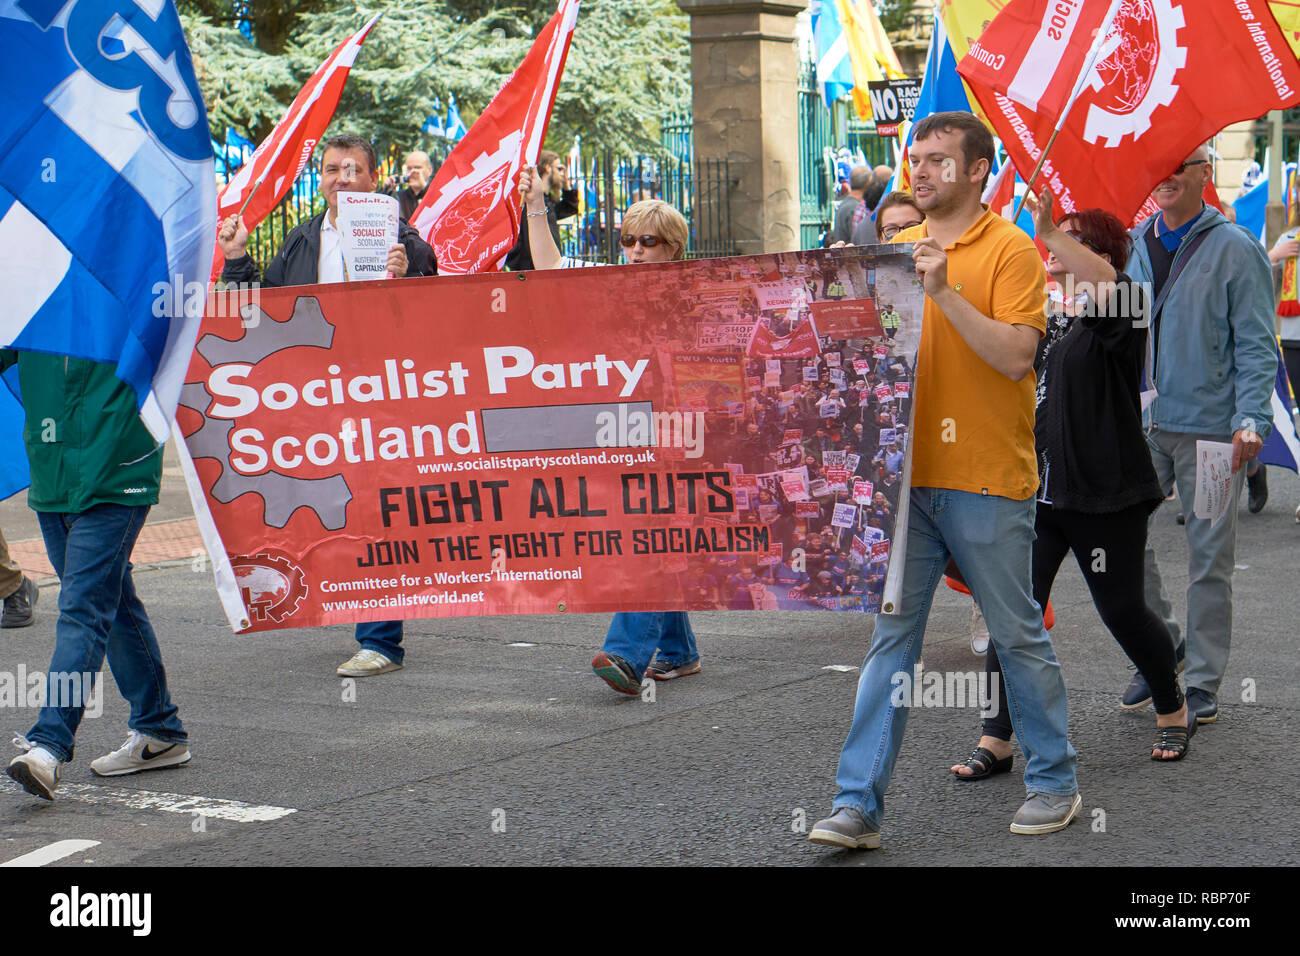 März für die schottische Unabhängigkeit, Dundee, Schottland. 18. August 2018. Sozialistische Partei Schottland Fahne. Stockbild